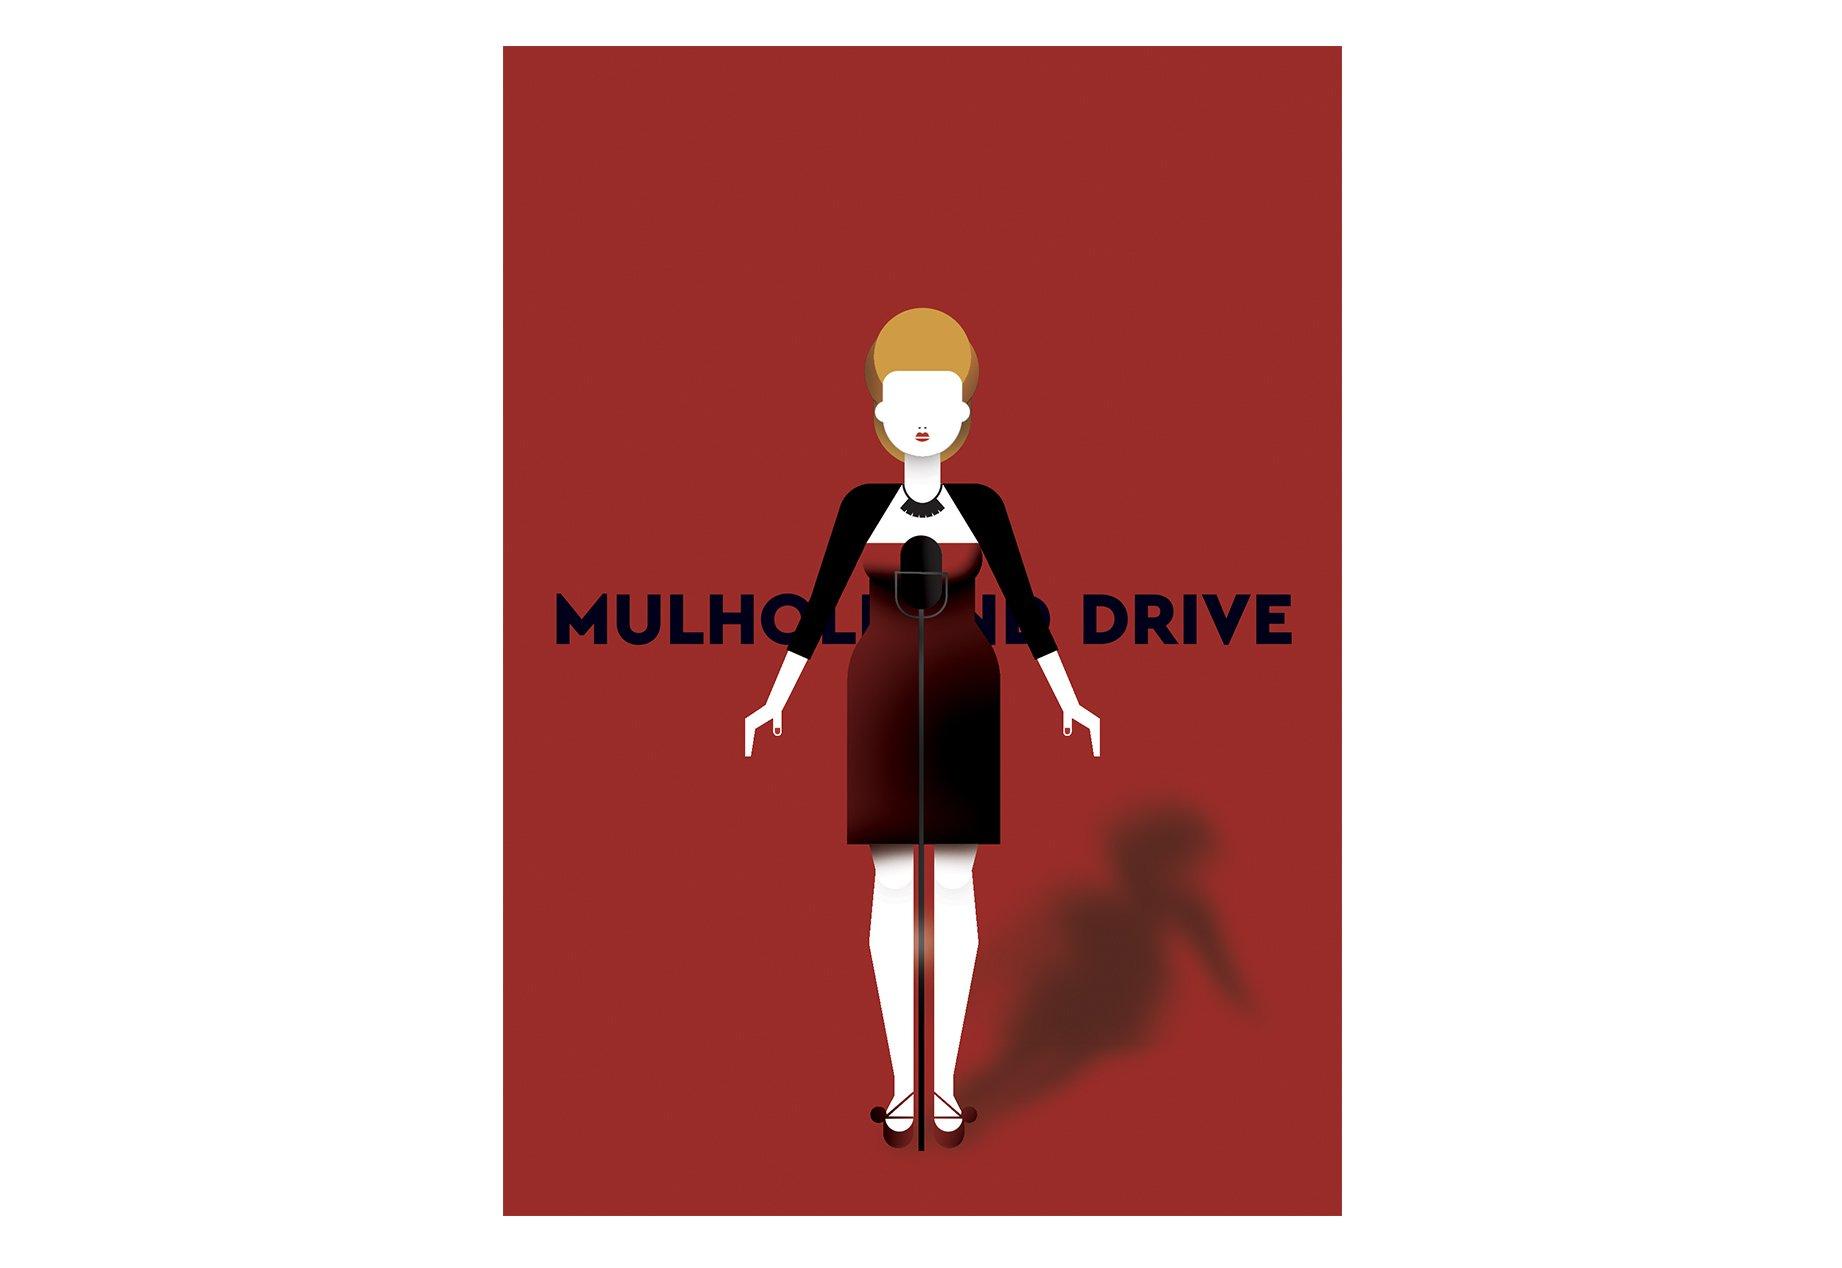 mulholland-drive-illustration-alice-iuri